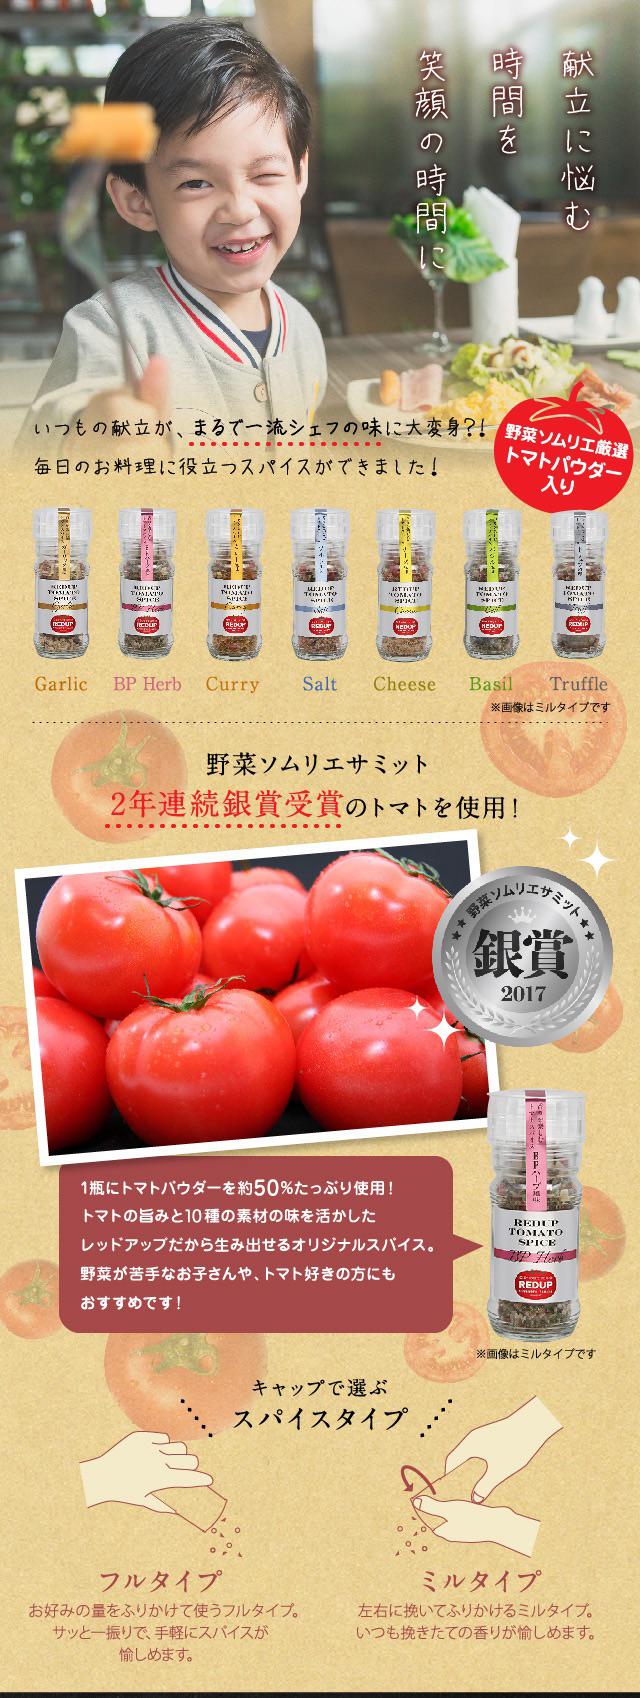 トマトスパイス